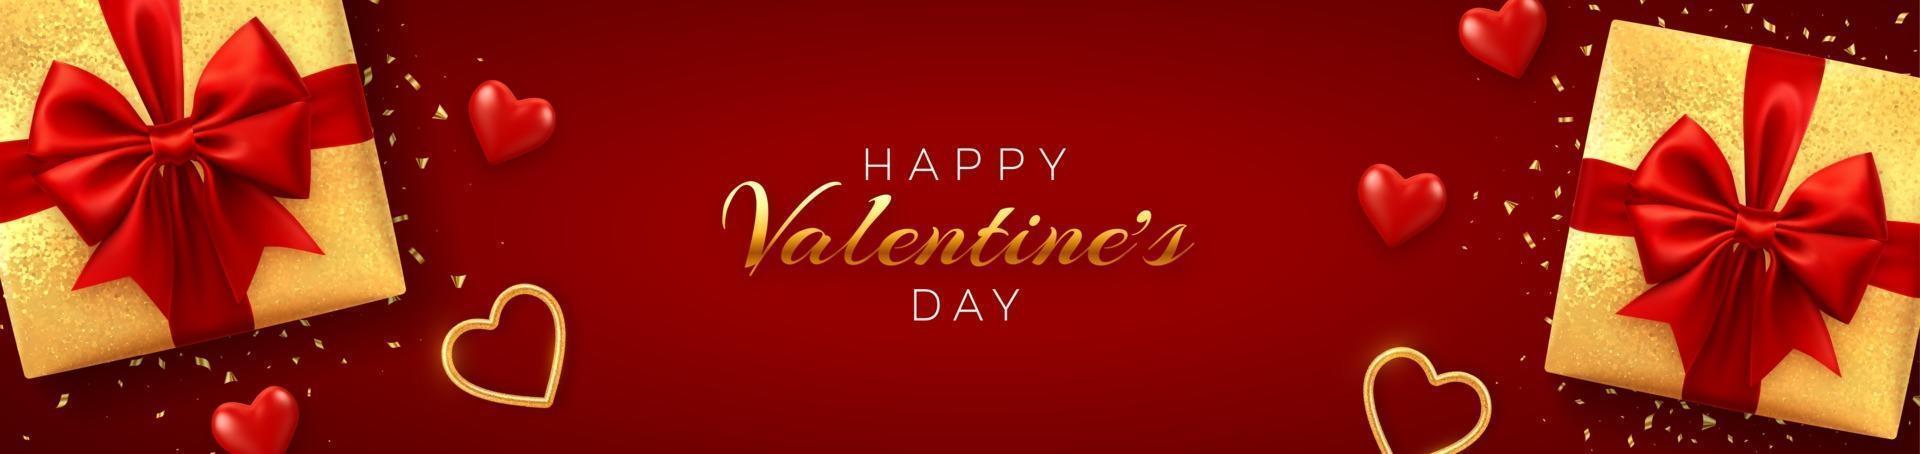 feliz dia dos namorados banner ou site de cabeçalho. caixas de presente realistas com laço vermelho e brilhantes corações de balões 3d vermelhos e dourados com textura de glitter e confetes sobre fundo vermelho. vetor